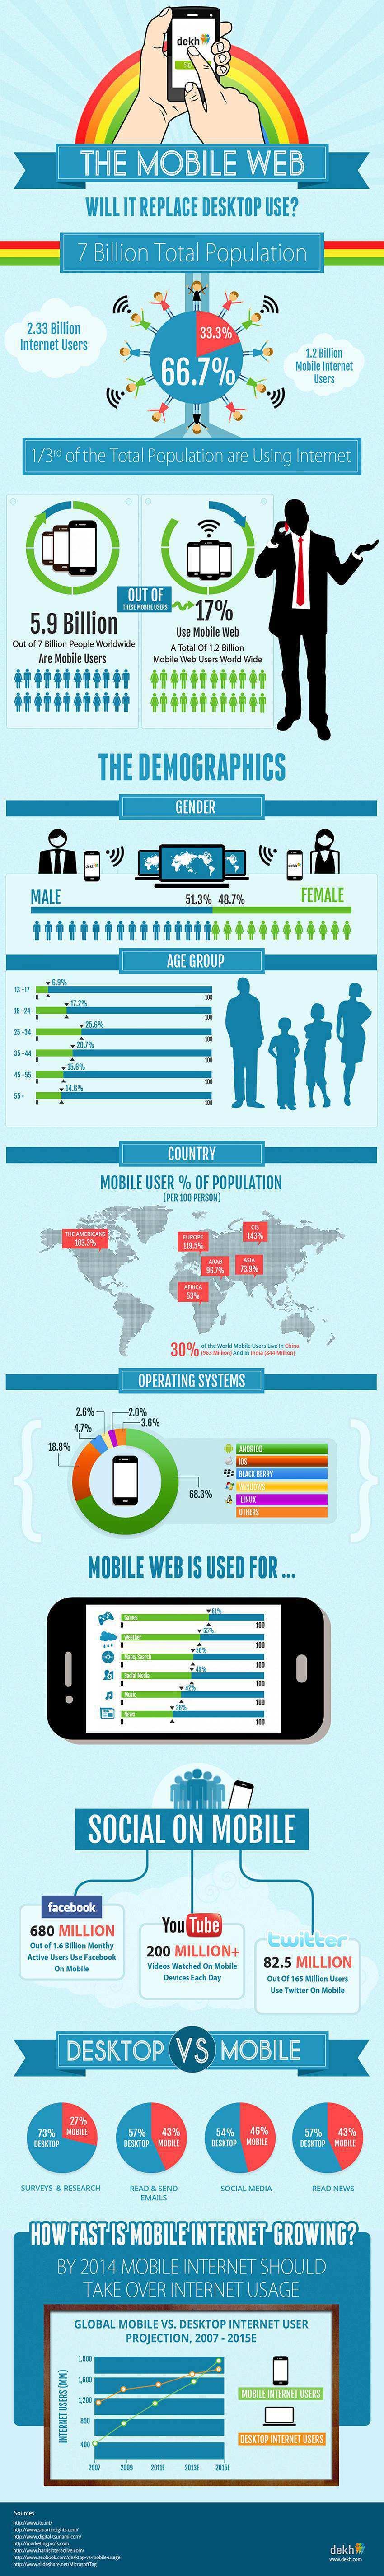 Is Mobile Internet Taking Over Desktop Usage